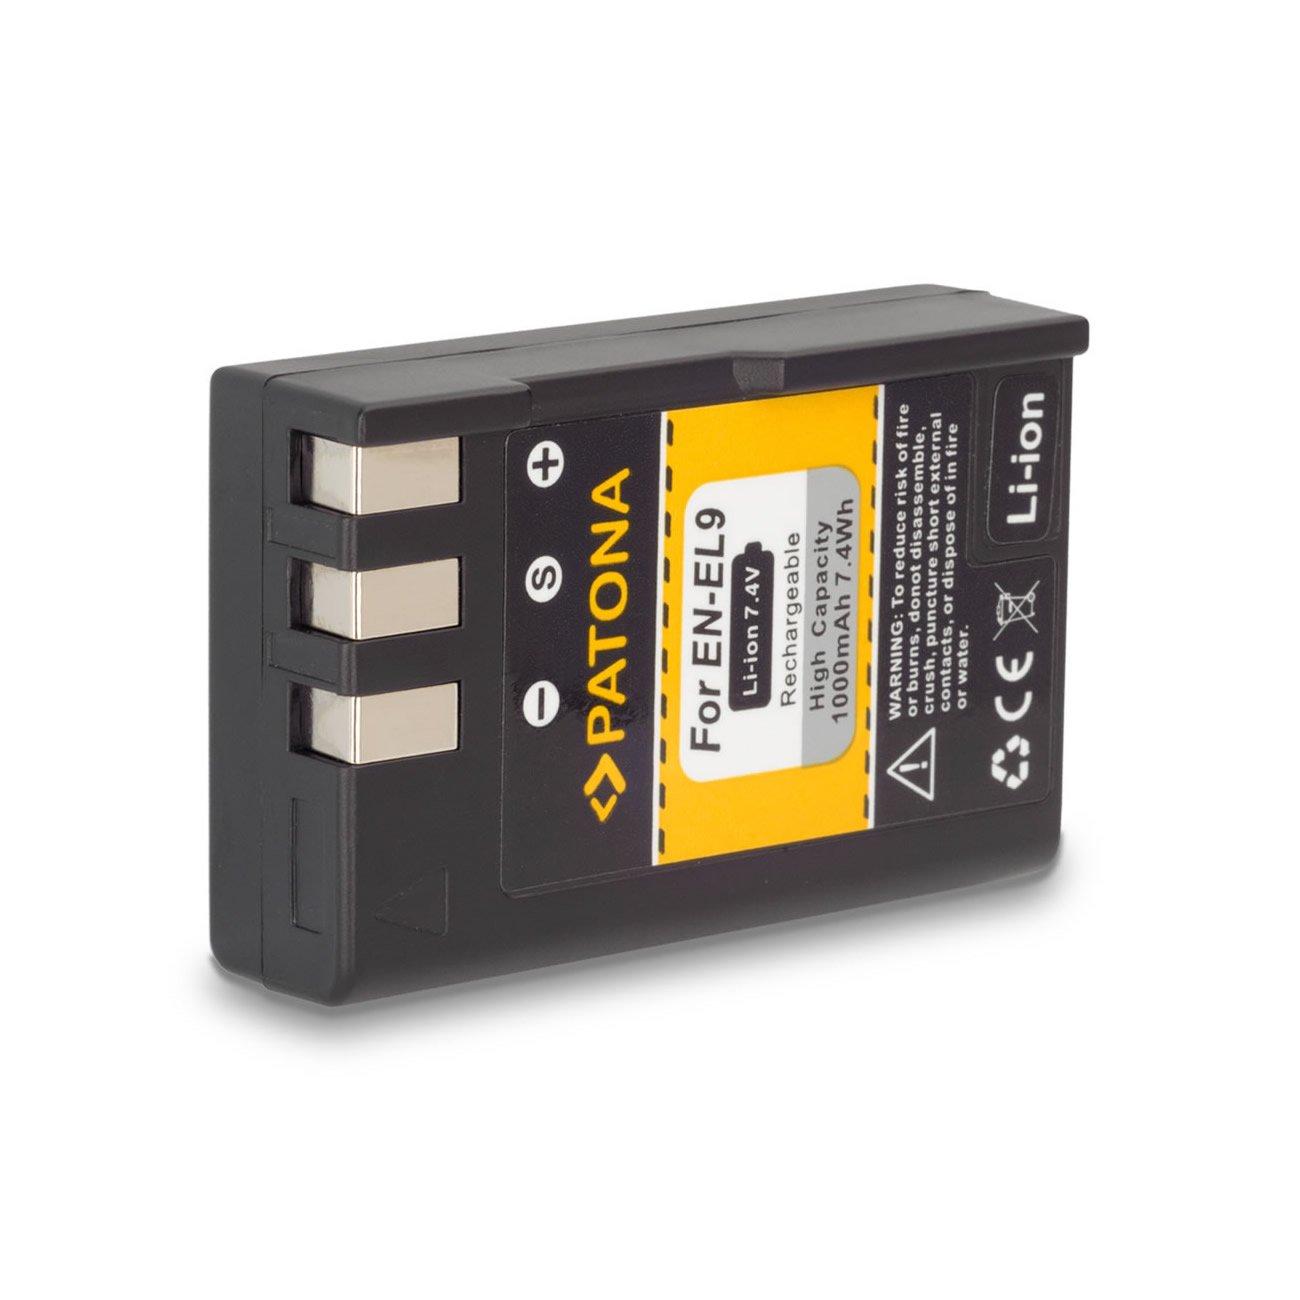 Bundle - 4en1 Cargador + Batería EN-EL9 para Nikon SLR-D40   SLR-D40x   DSLR-D60   DSLR-D3000   DSLR-D5000